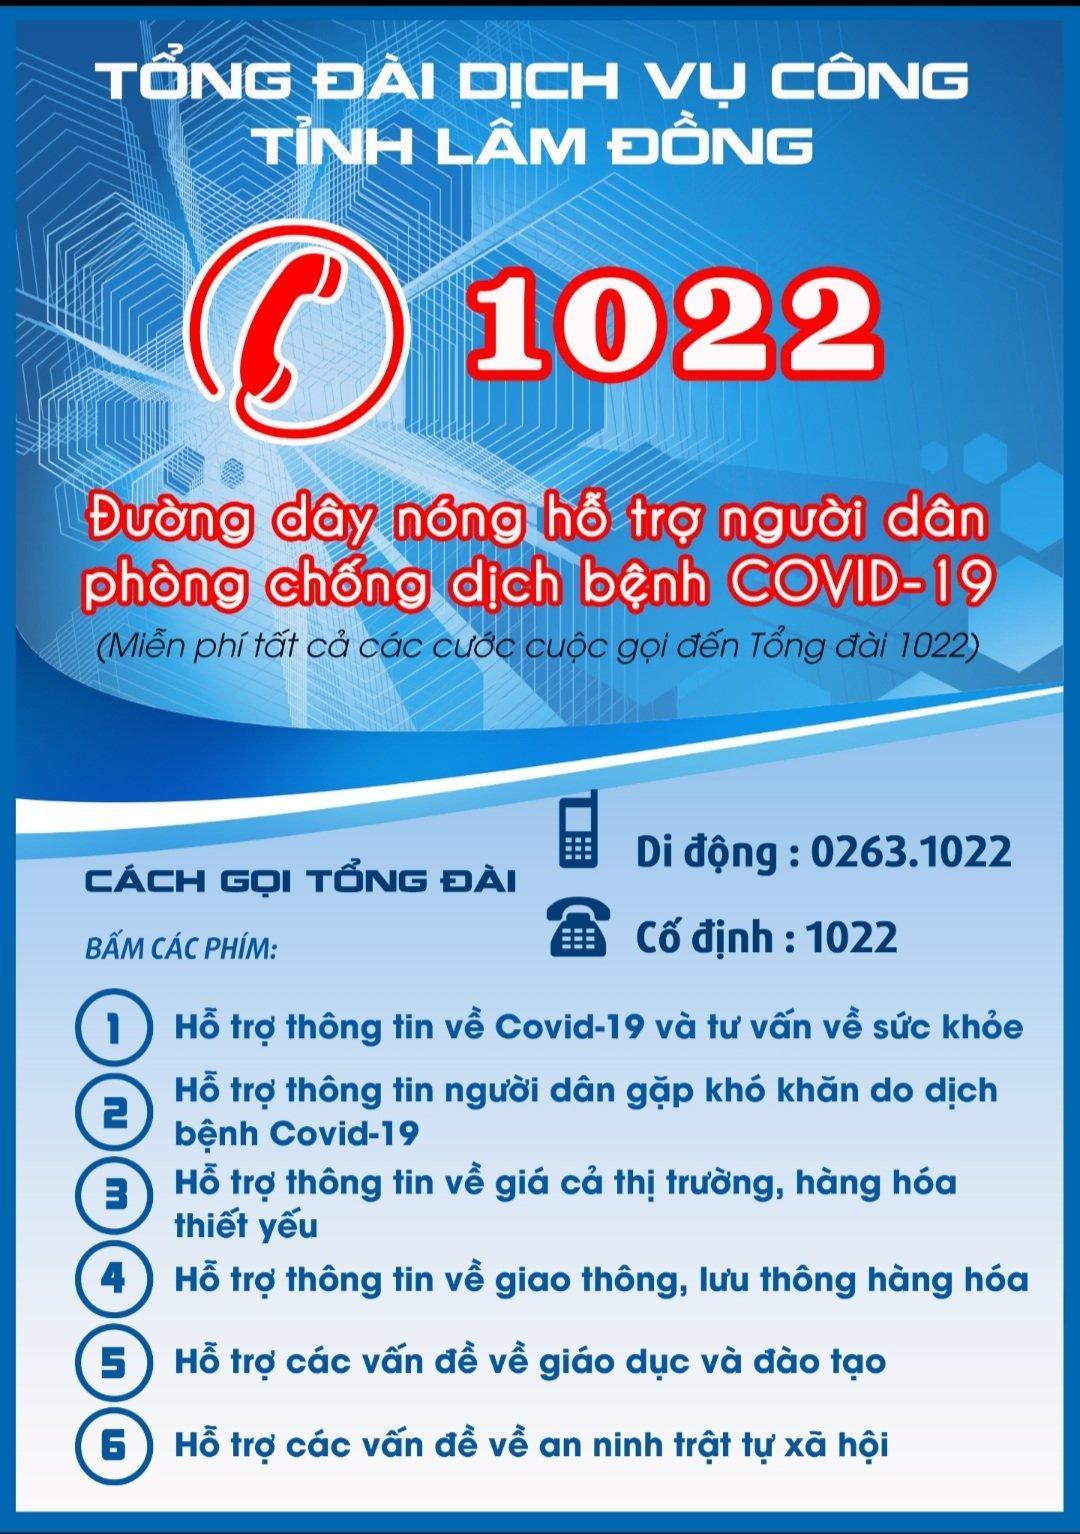 Tổng đài đường dây nóng 1022 phục vụ cung cấp thông tin về phòng chống dịch Covid-19.